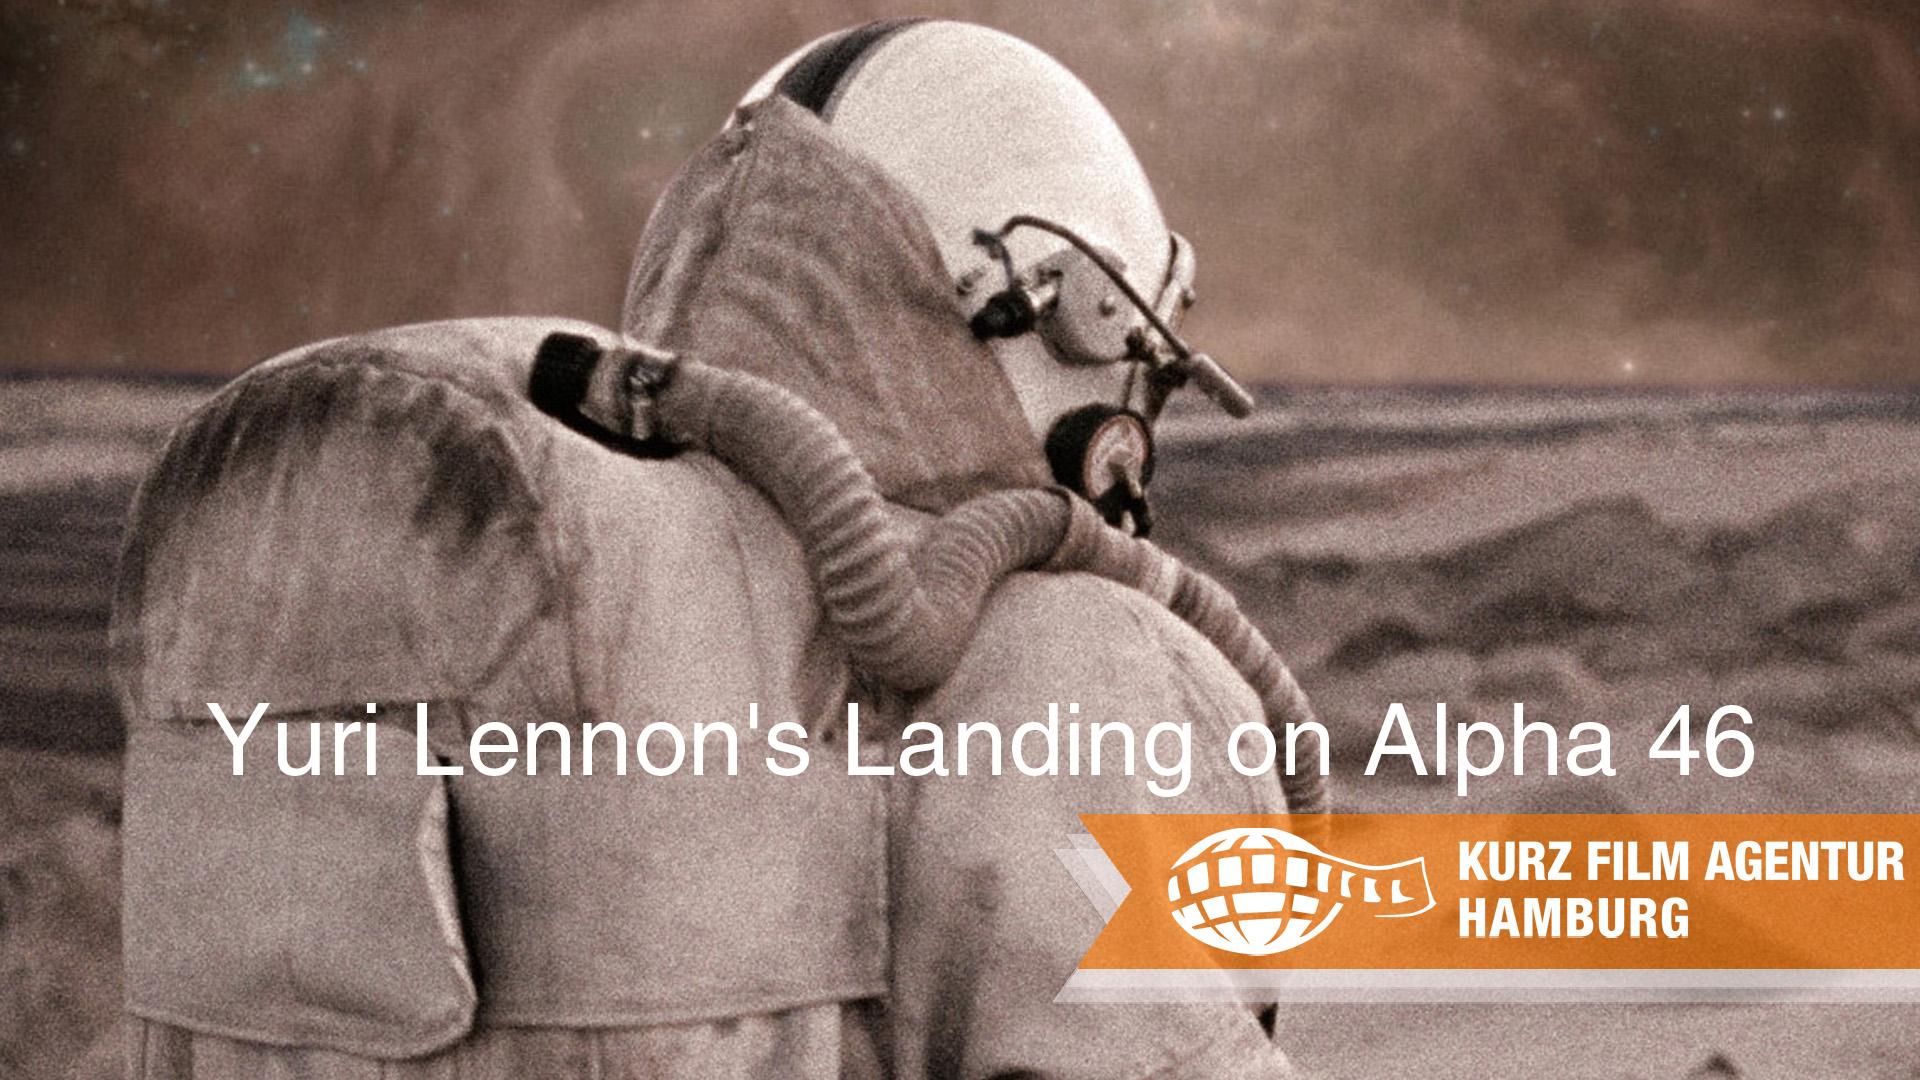 Yuri Lennon's Landing on Alpha 46